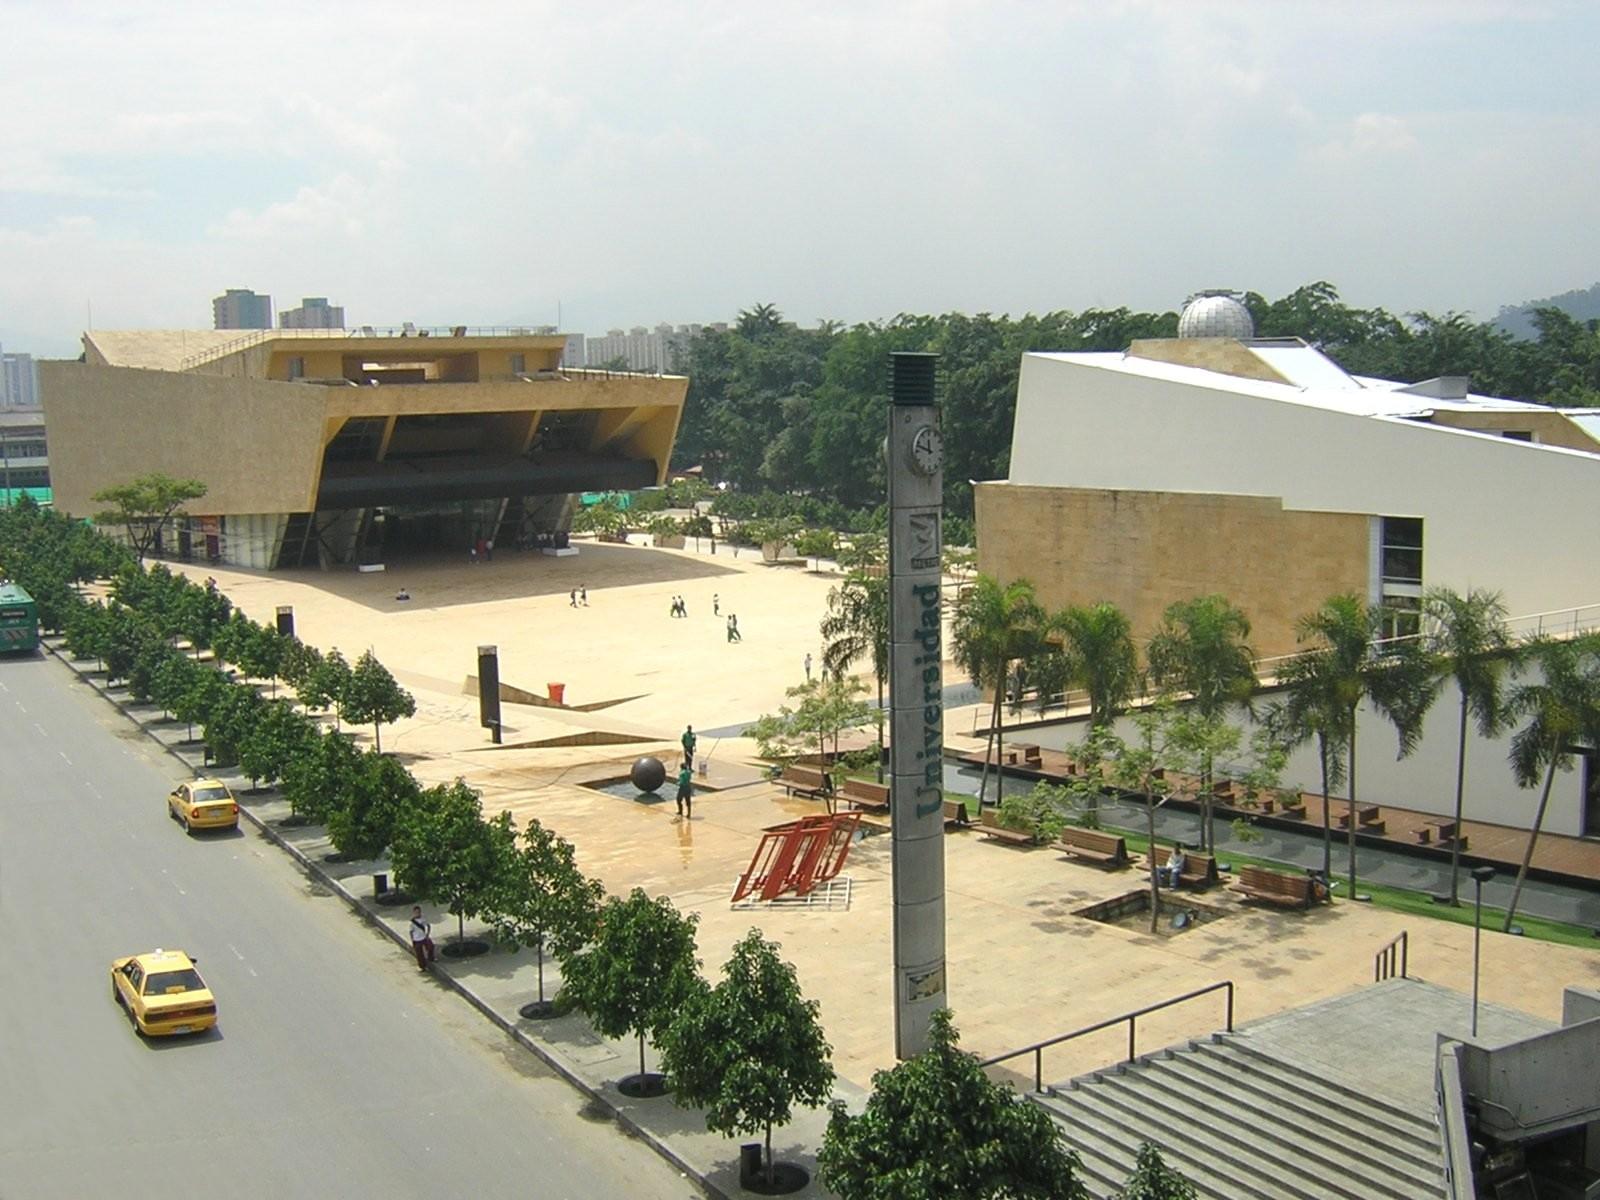 Parque de Los Deseos - Wikipedia, la enciclopedia libre